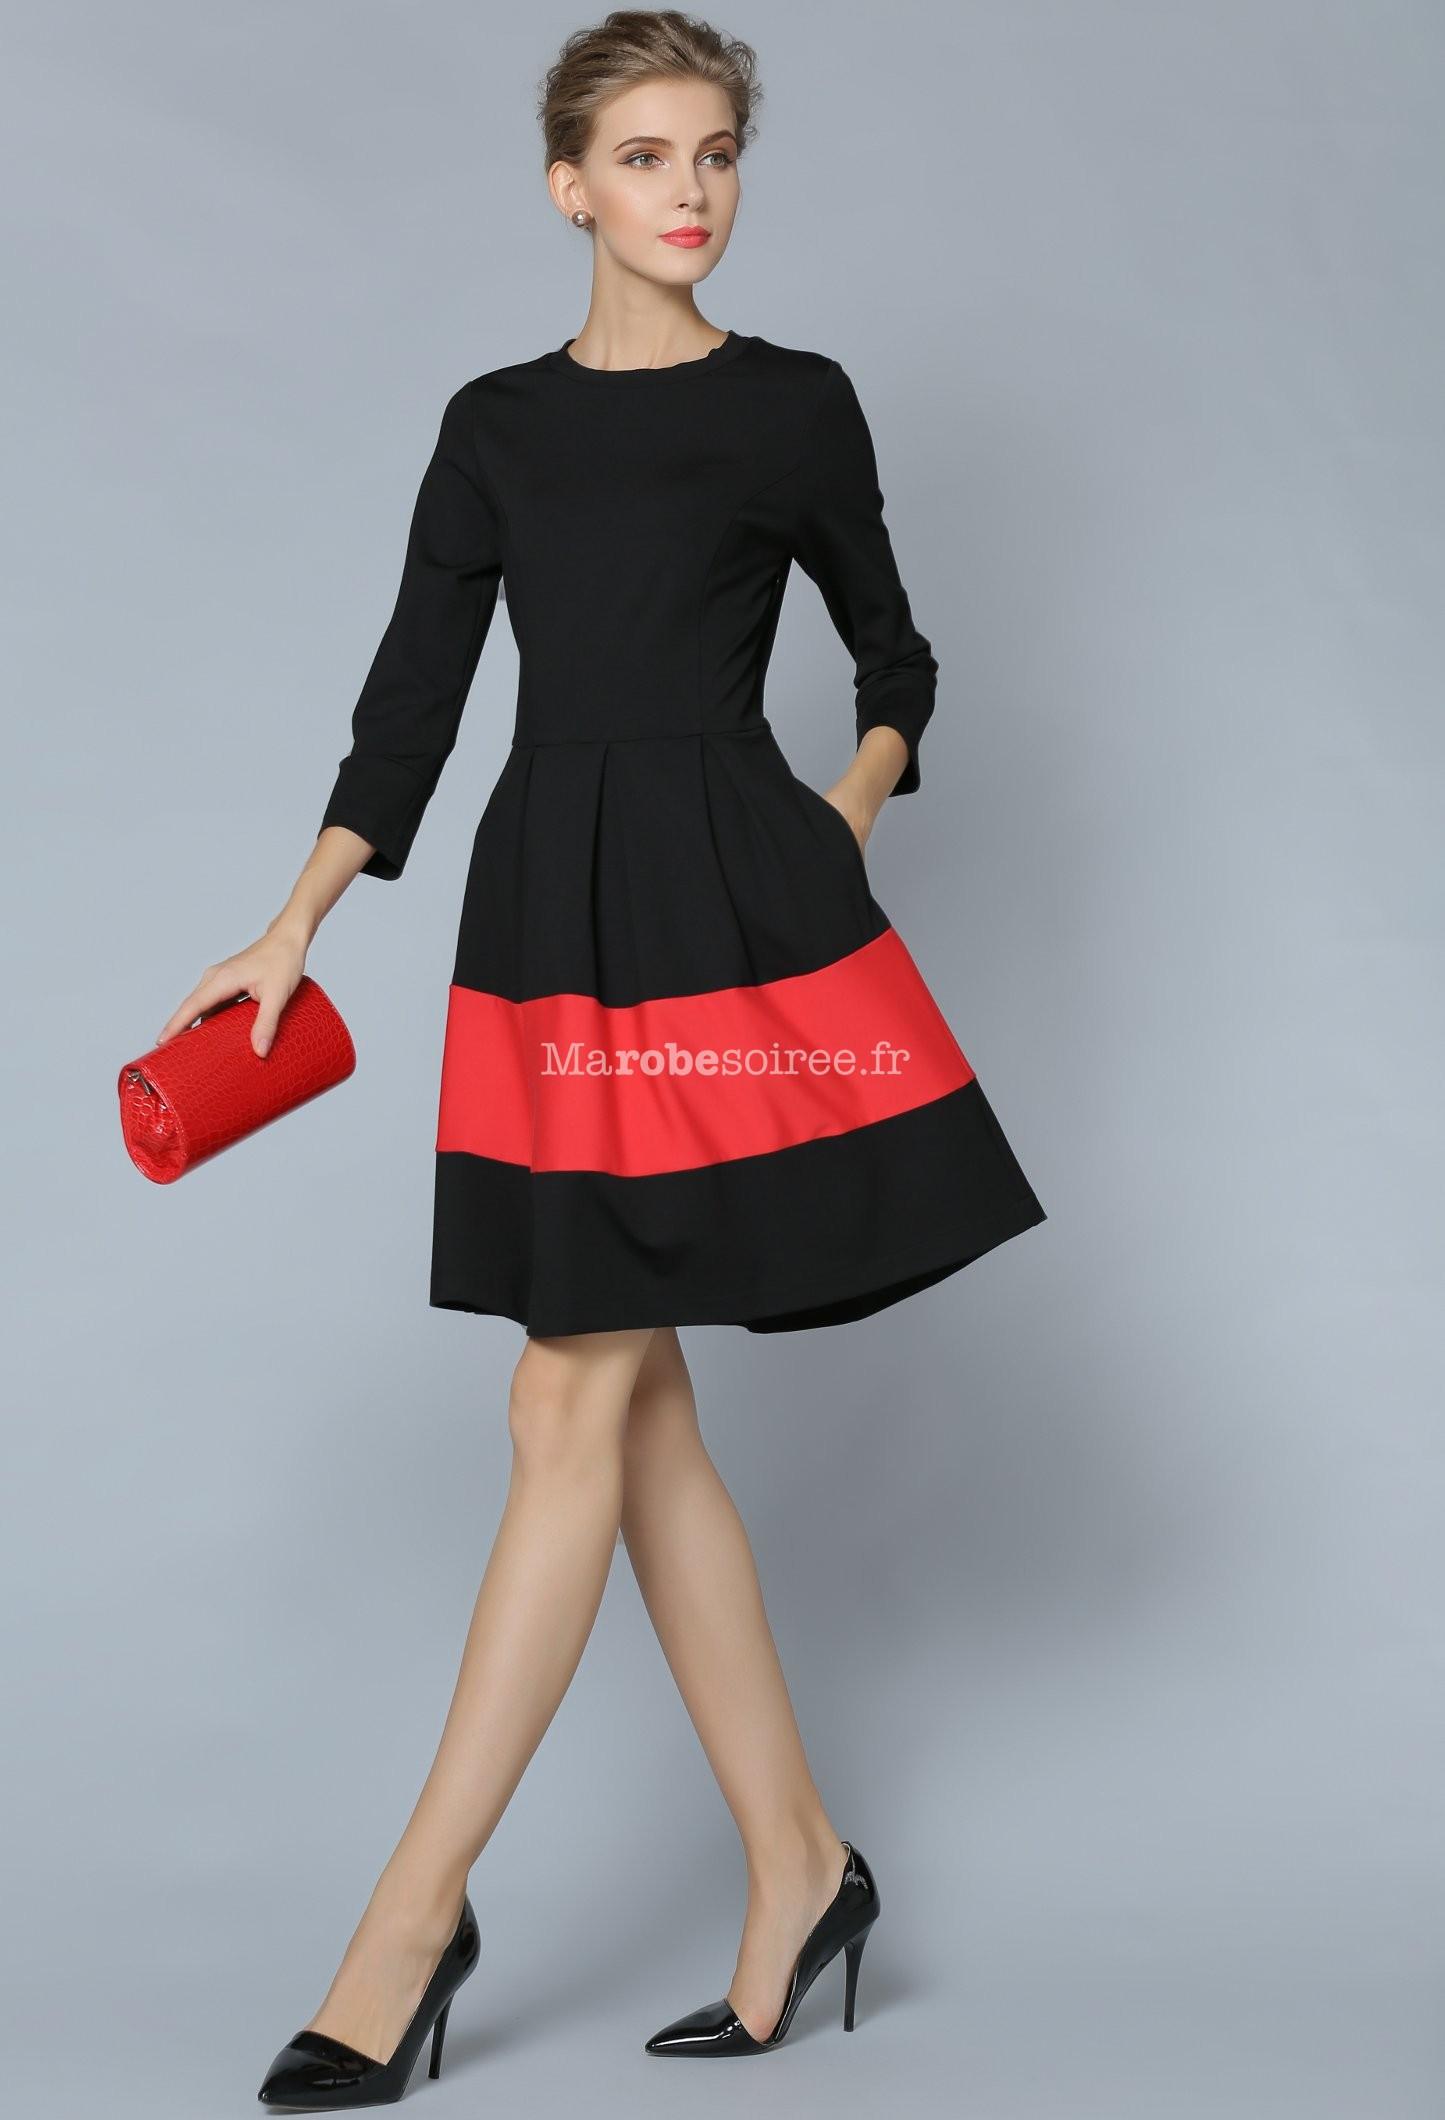 Petite robe tailleur noir manches longues